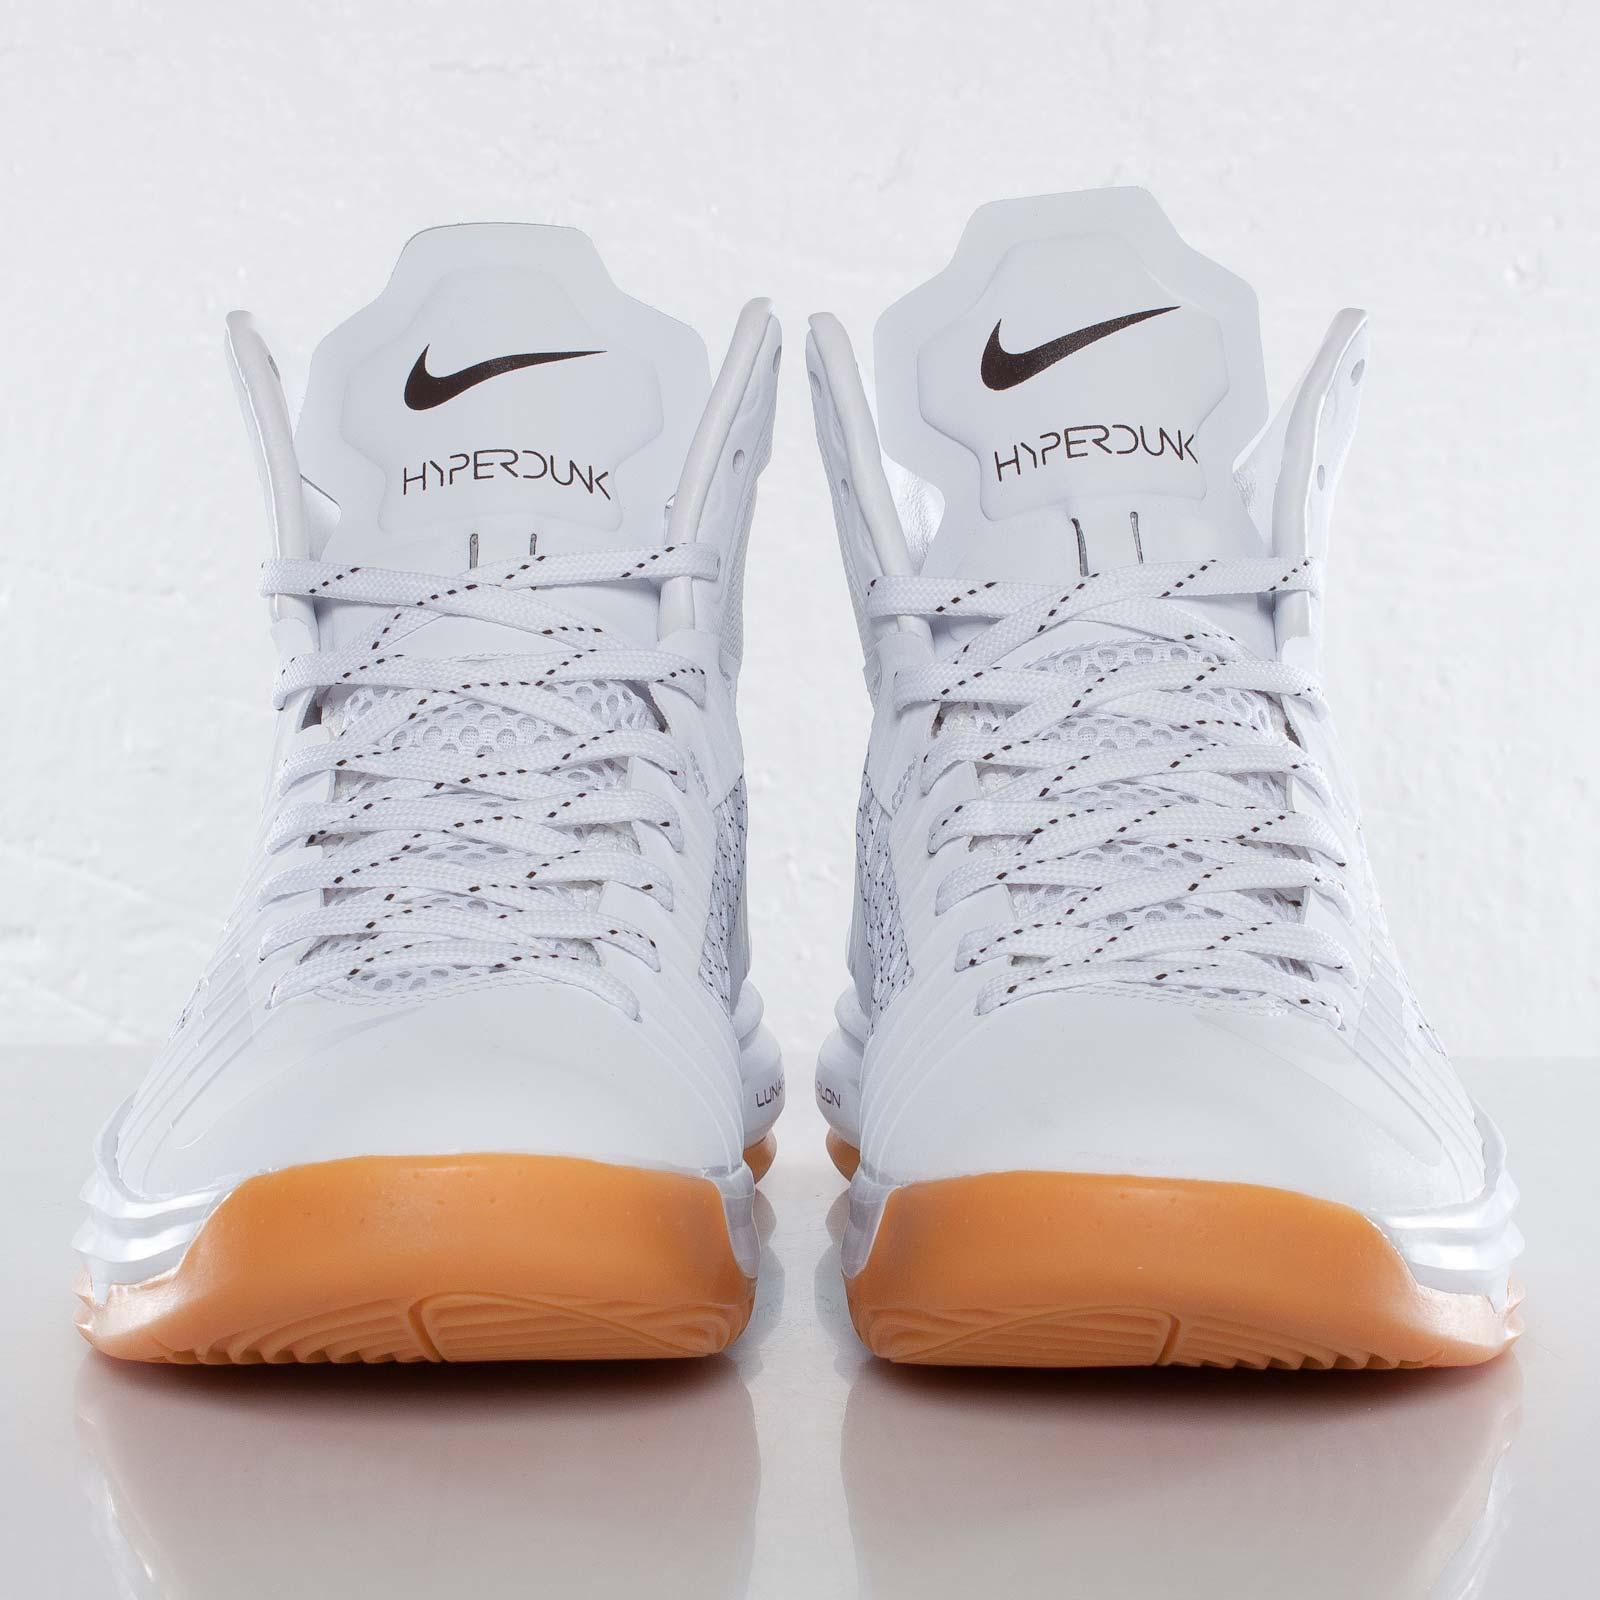 low priced f3a07 c311e Nike Hyperdunk UNDFTD SP - 598471-110 - Sneakersnstuff   sneakers    streetwear på nätet sen 1999